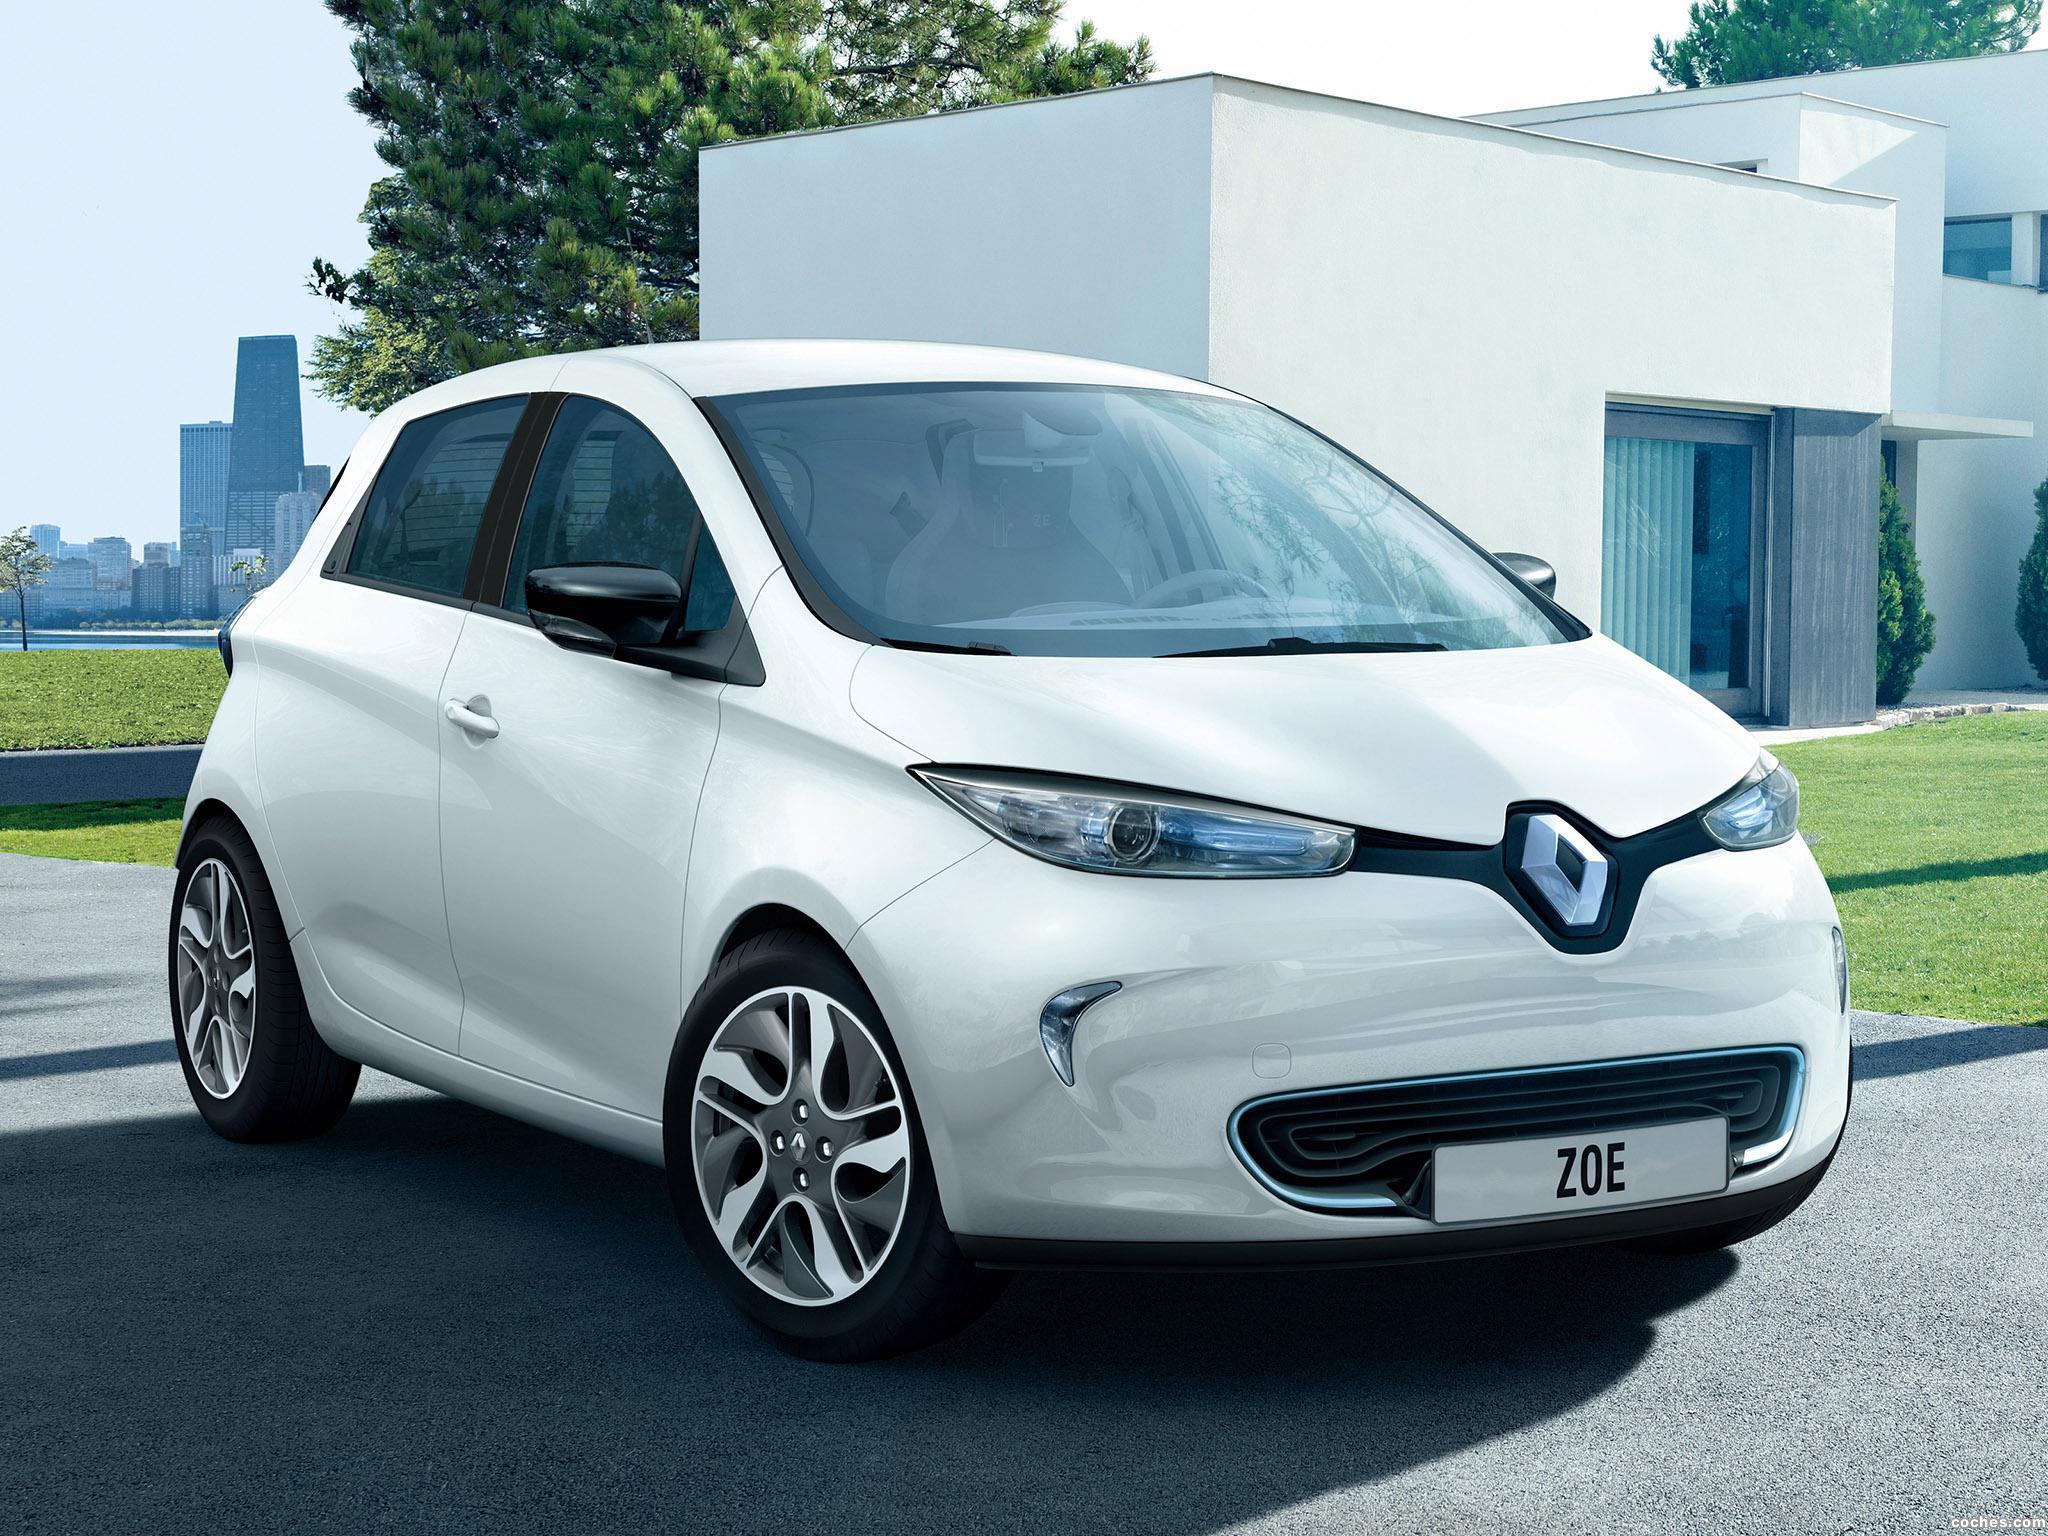 Foto 0 de Renault Zoe 2012